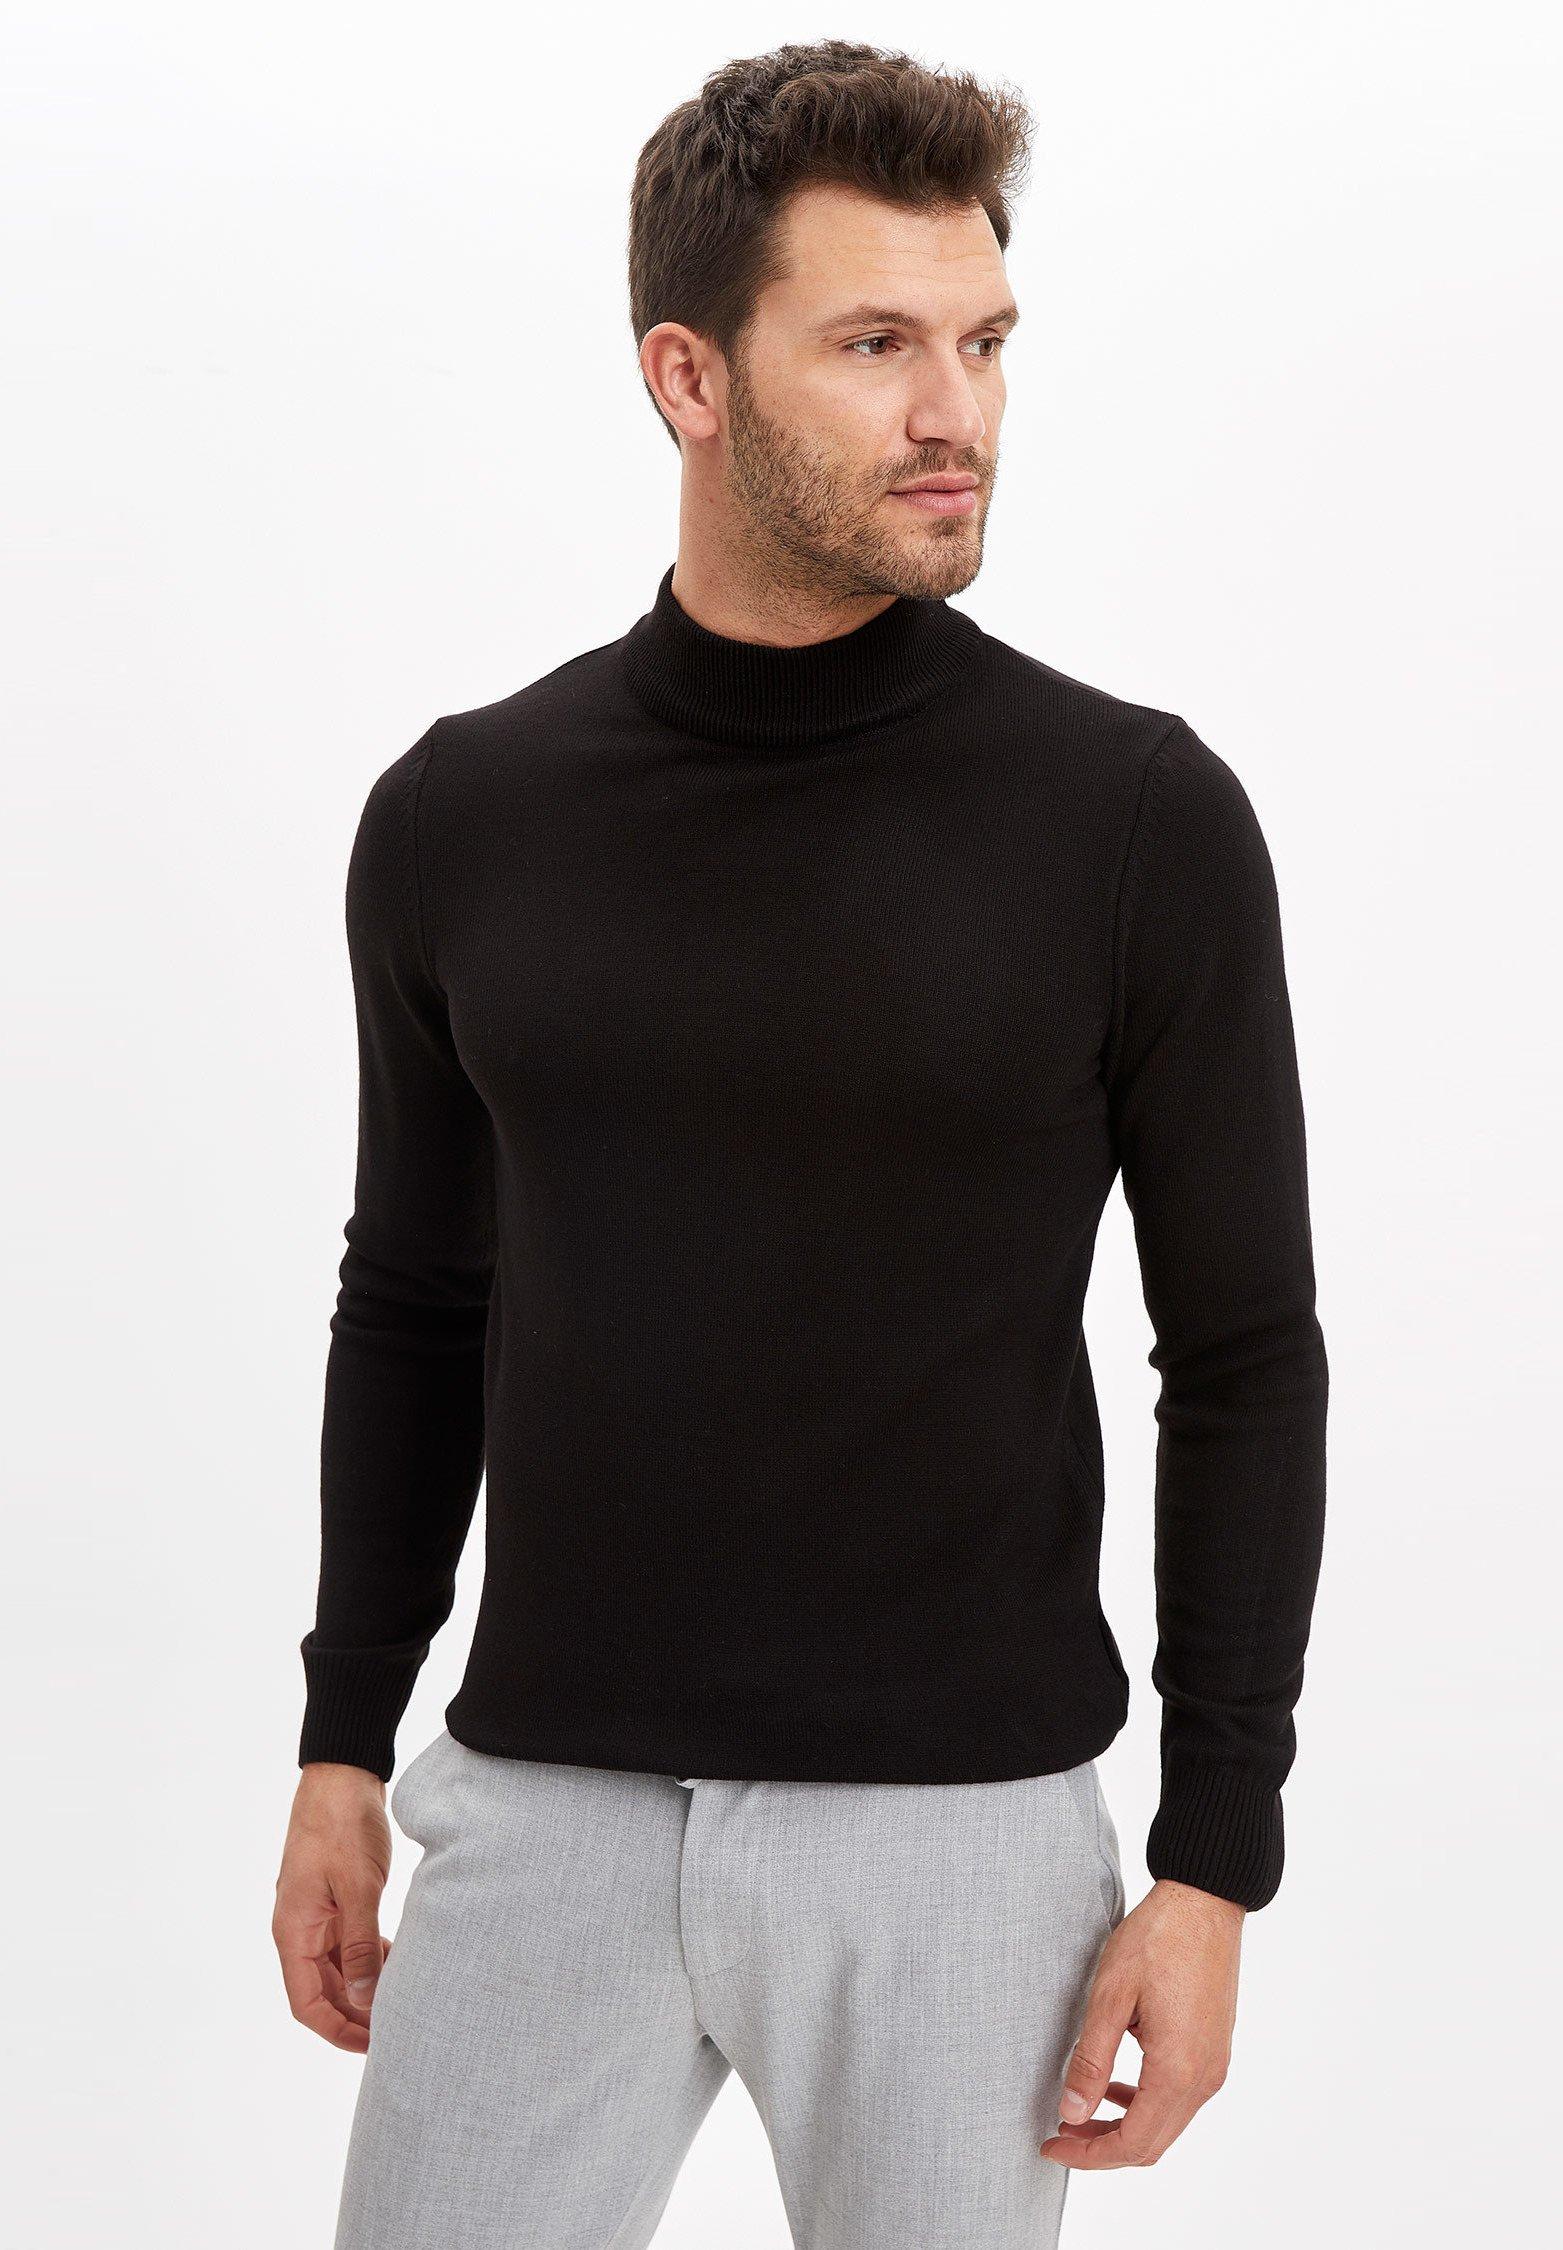 Heren truien Dan denk ik aan